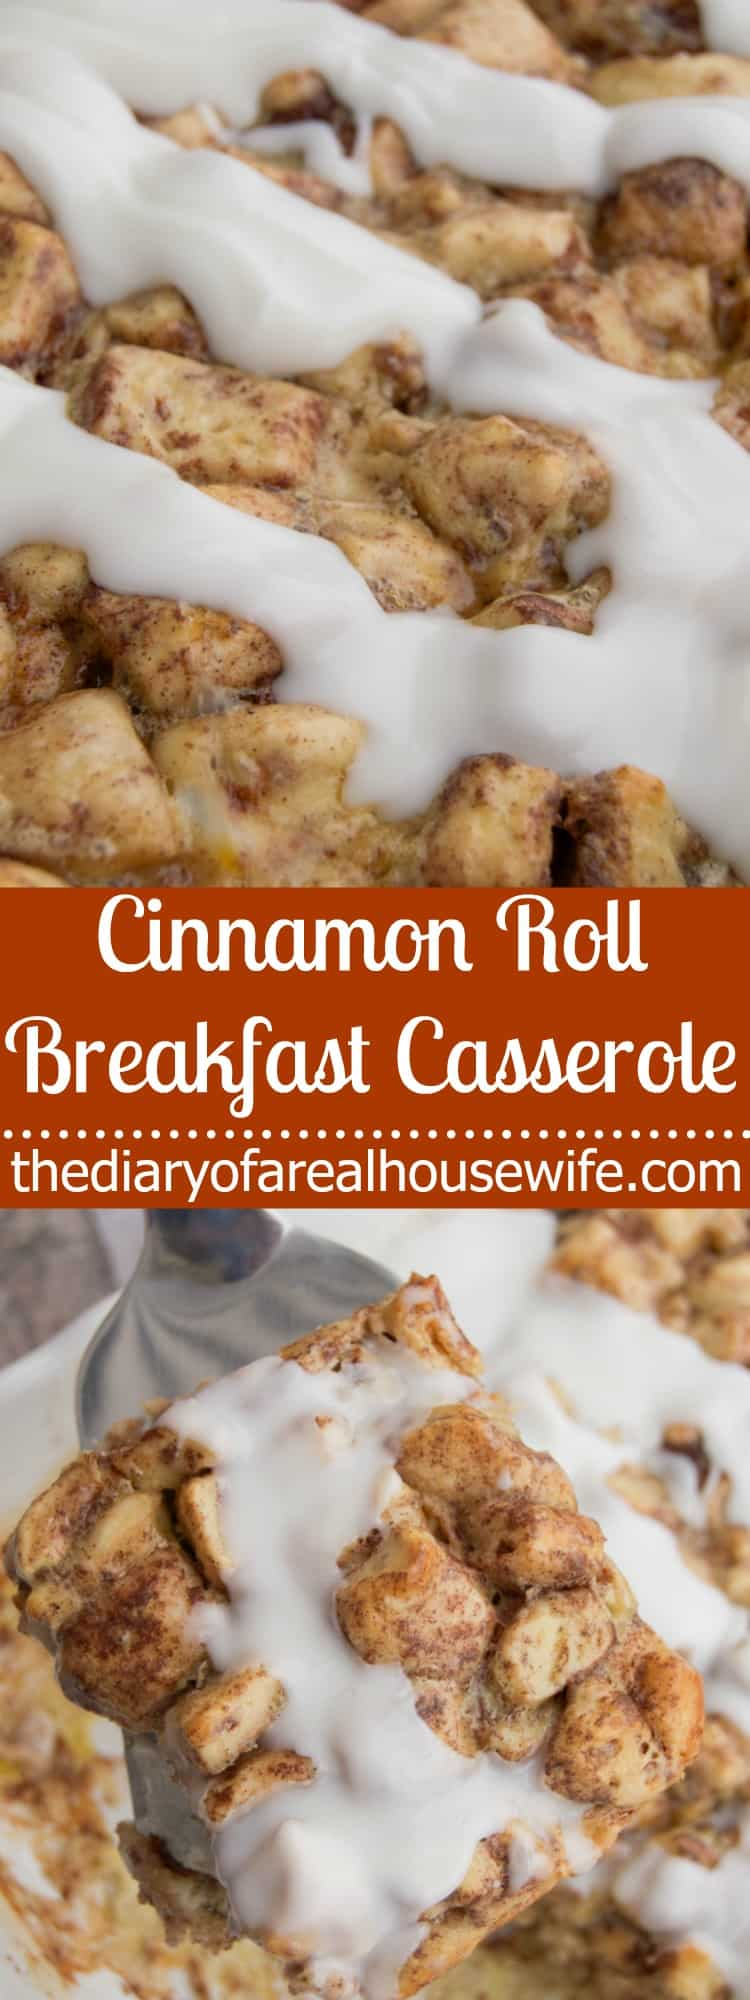 cinnamon-roll-breakfast-casserole